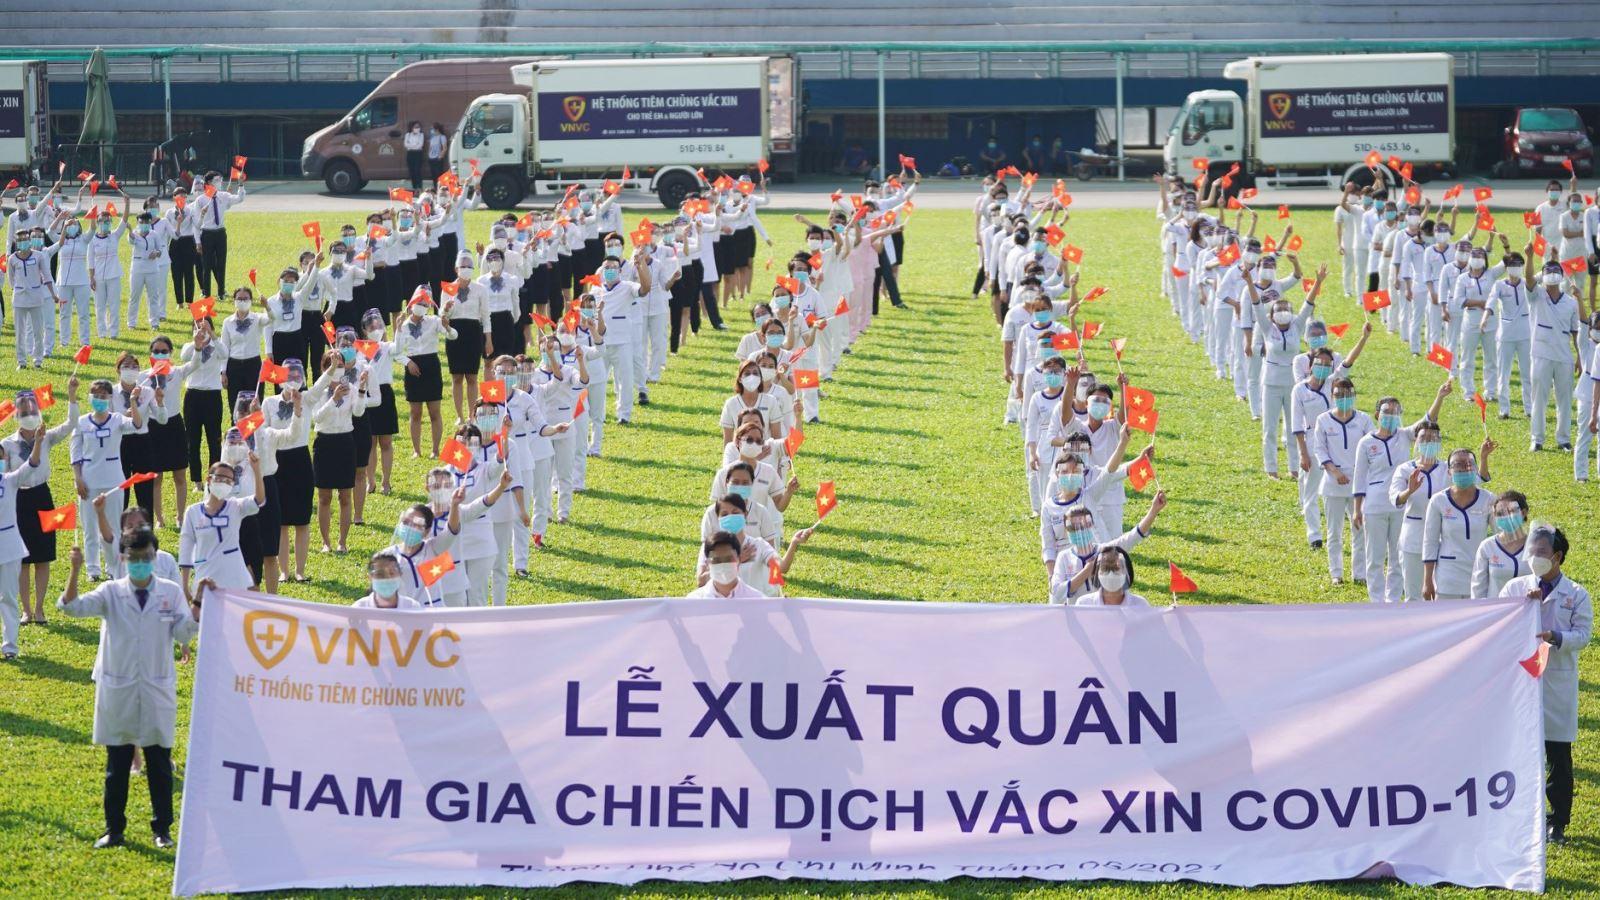 Hệ thống VNVC tham gia chiến dịch tiêm chủng vaccine phòng COVID-19 lớn nhất tại TP.HCM